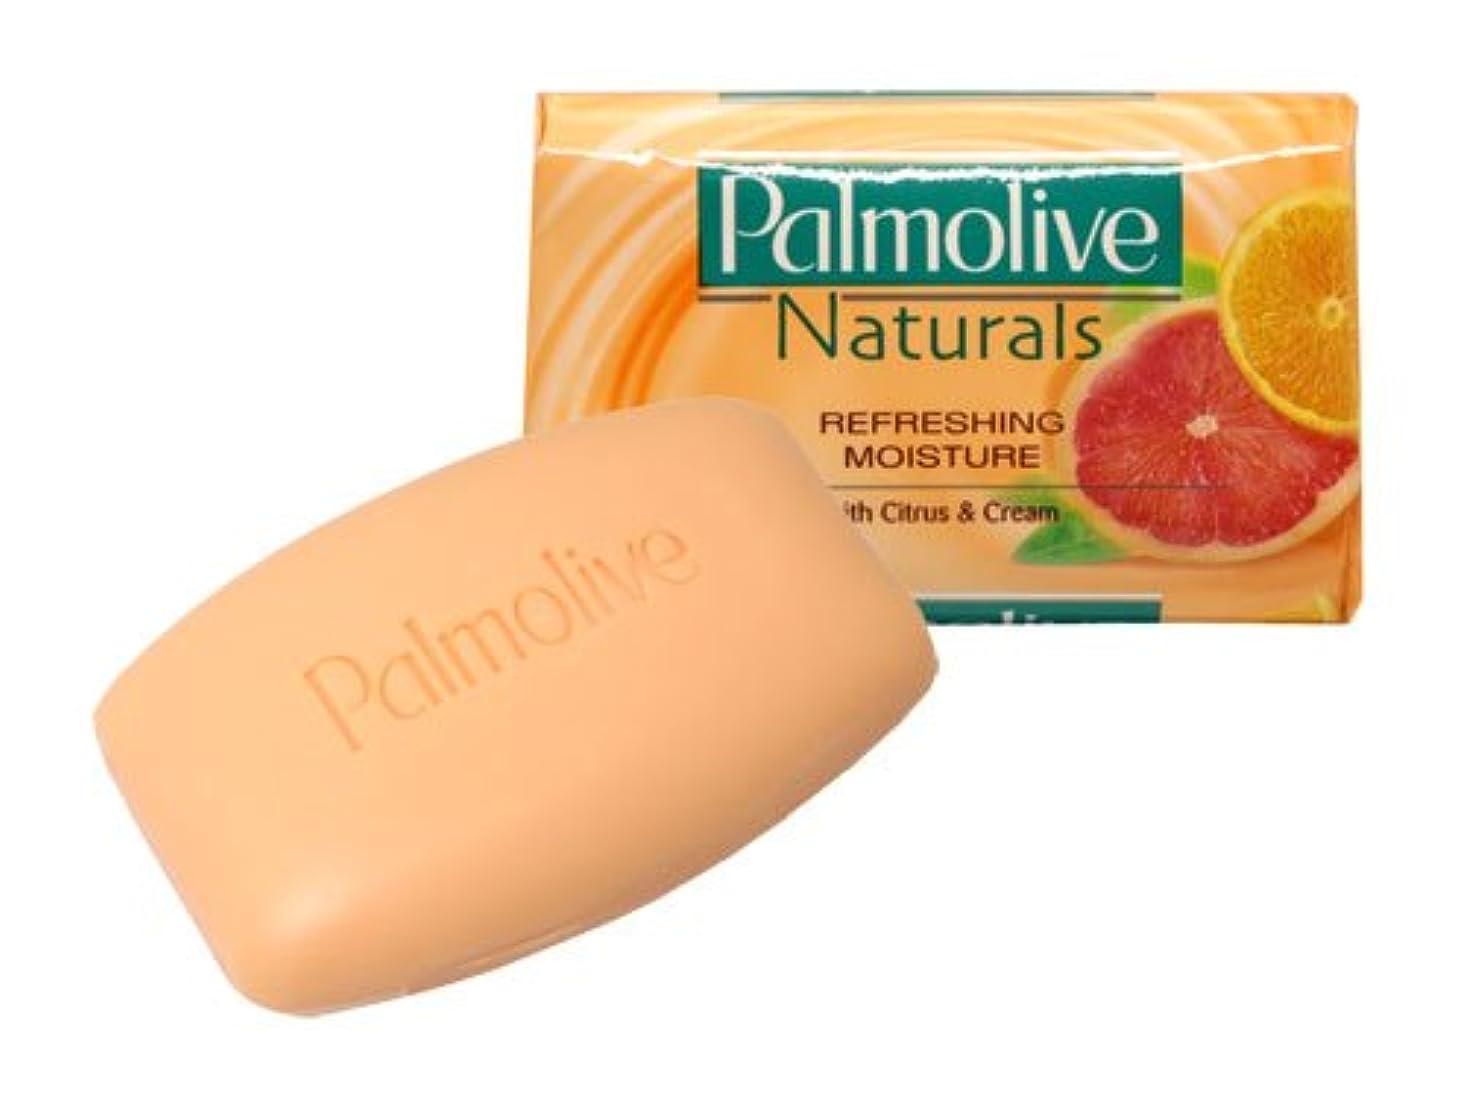 結晶統治する義務【Palmolive】パルモリーブ ナチュラルズ石鹸3個パック(シトラス&クリーム)